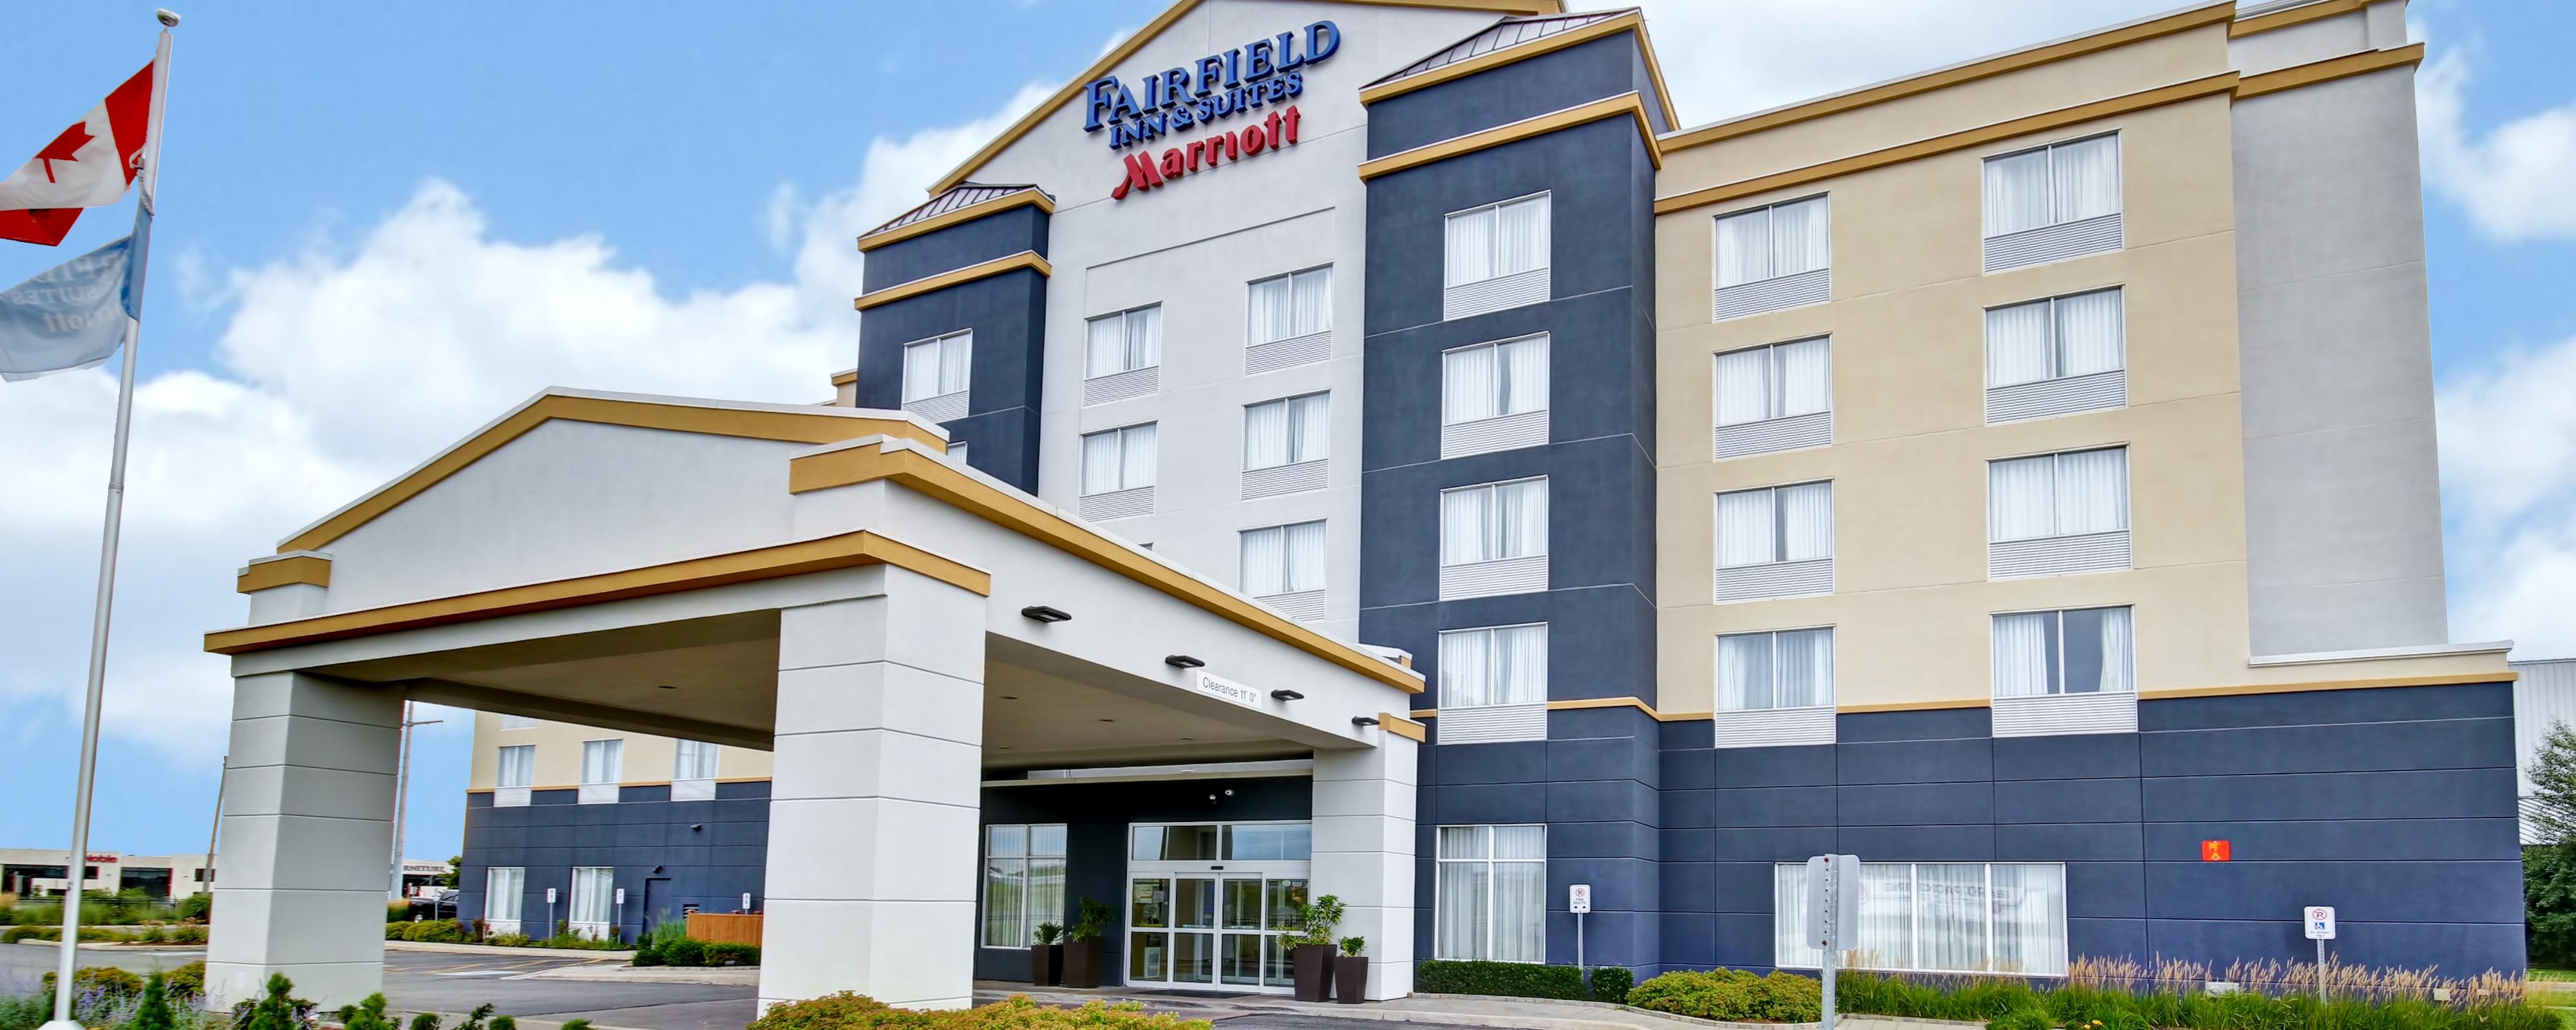 Guelph Hotels Near University Of Guelph Fairfield Inn Suites Guelph